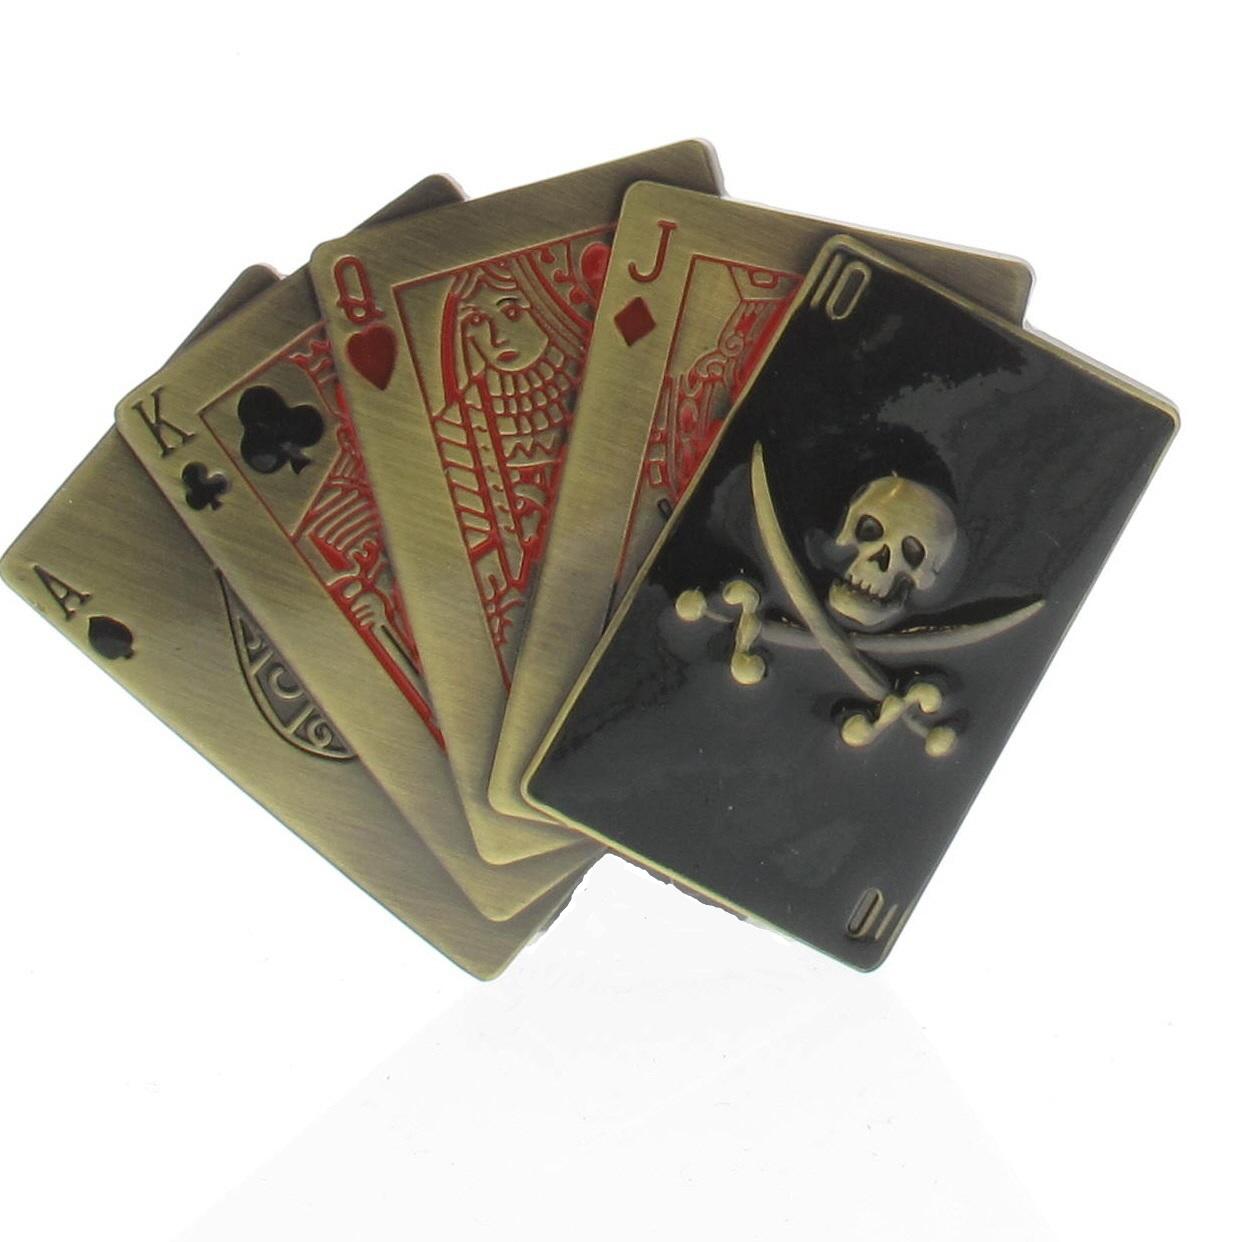 Boucle de ceinture Poker quinte flush pirate design - Boucle-de ... 4806768c41b